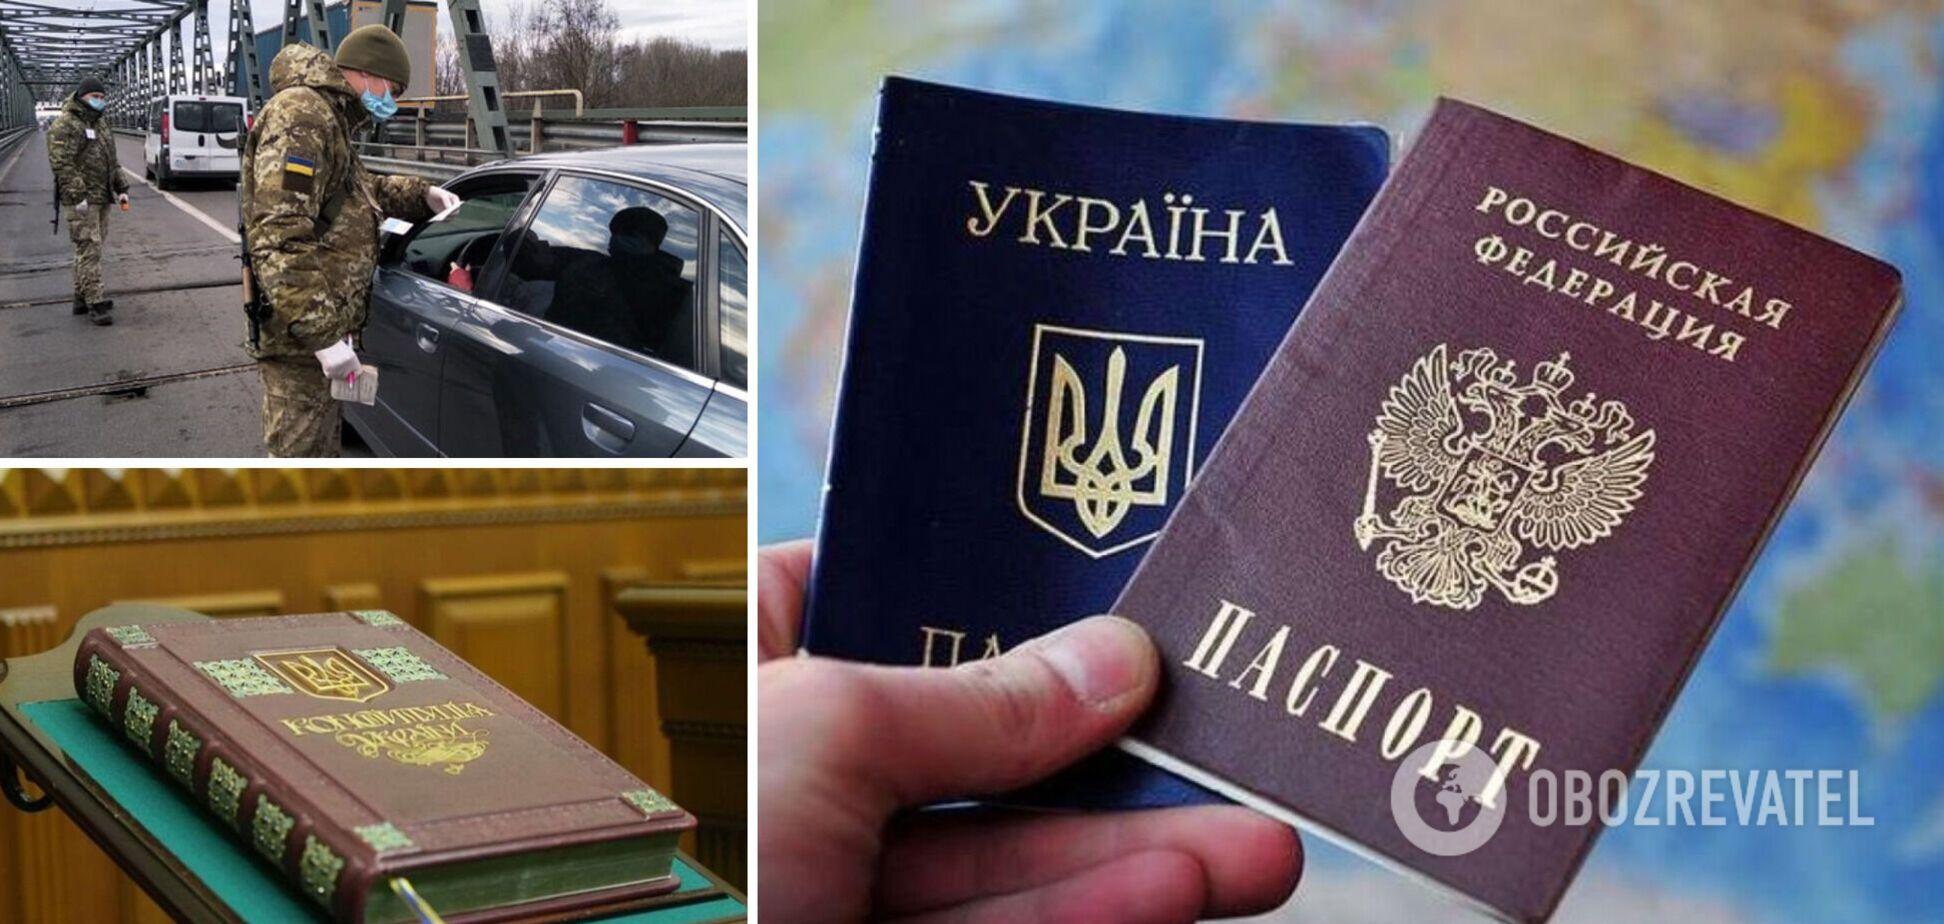 Українців із паспортами Росії хочуть позбавляти громадянства: що чекає на жителів Донбасу і в чому проблеми законопроєкту